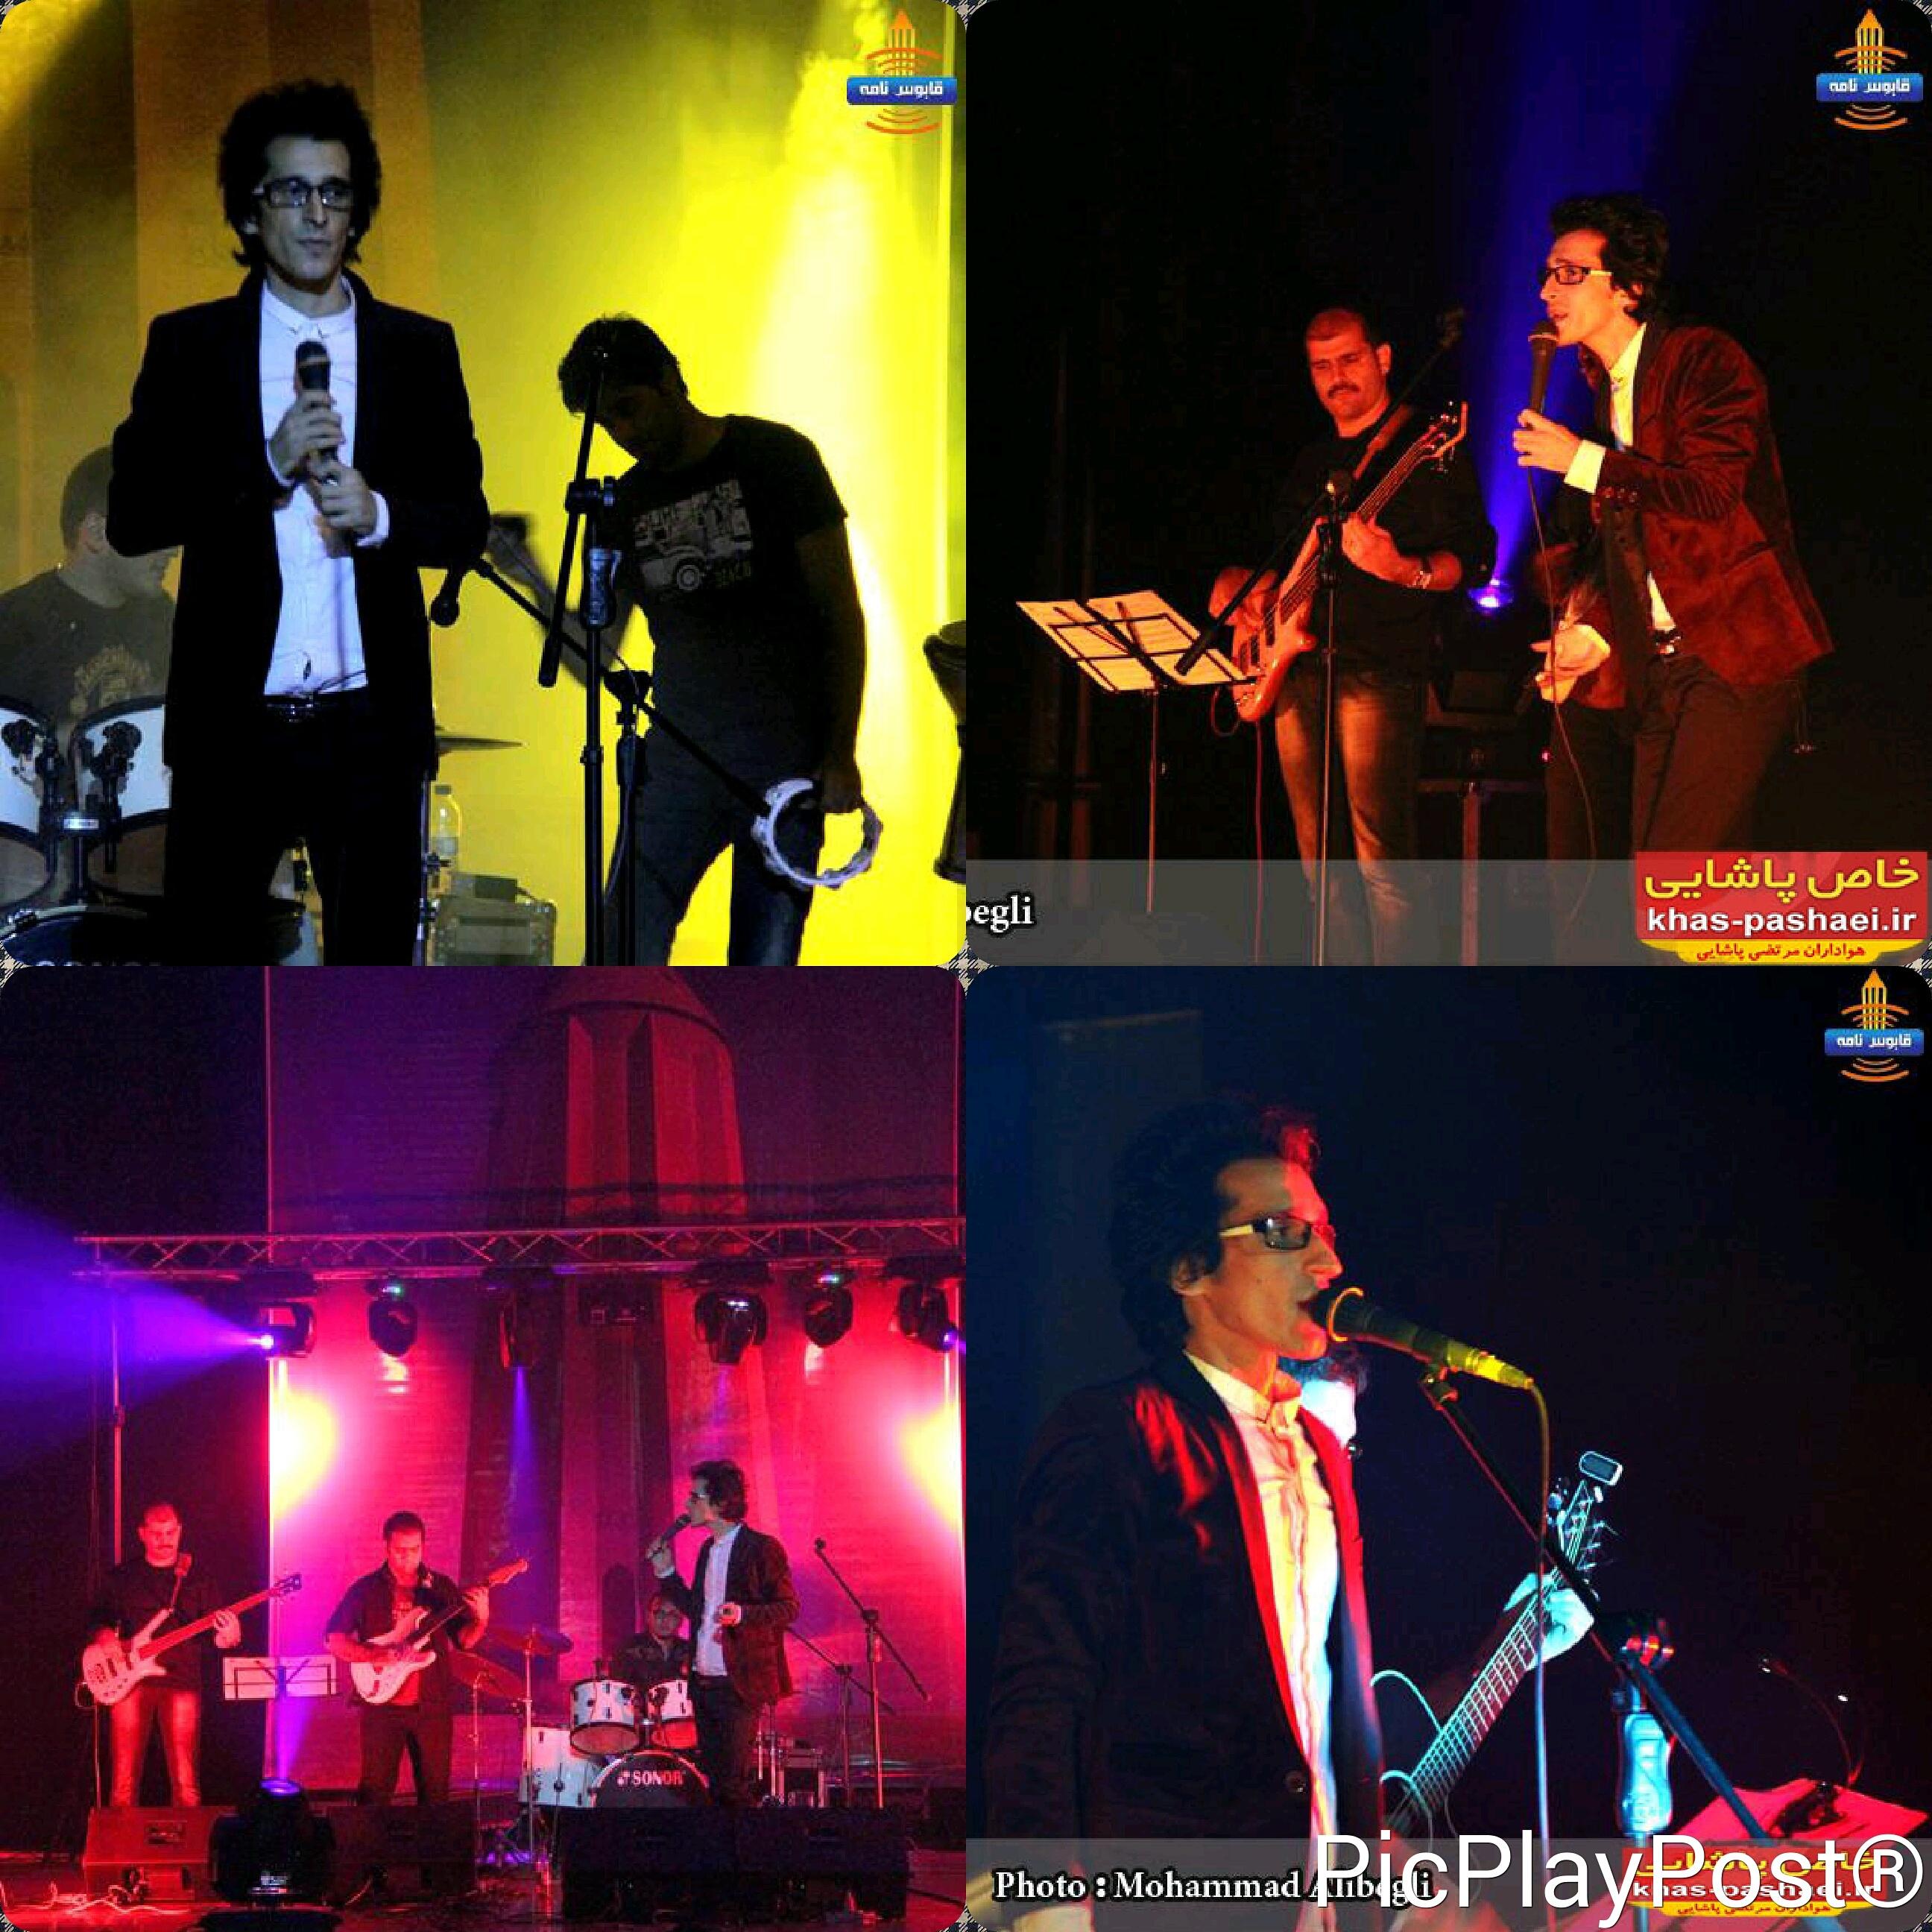 دانلود کلیپهای کنسرت مرتضی پاشایی در گنبد کاووس